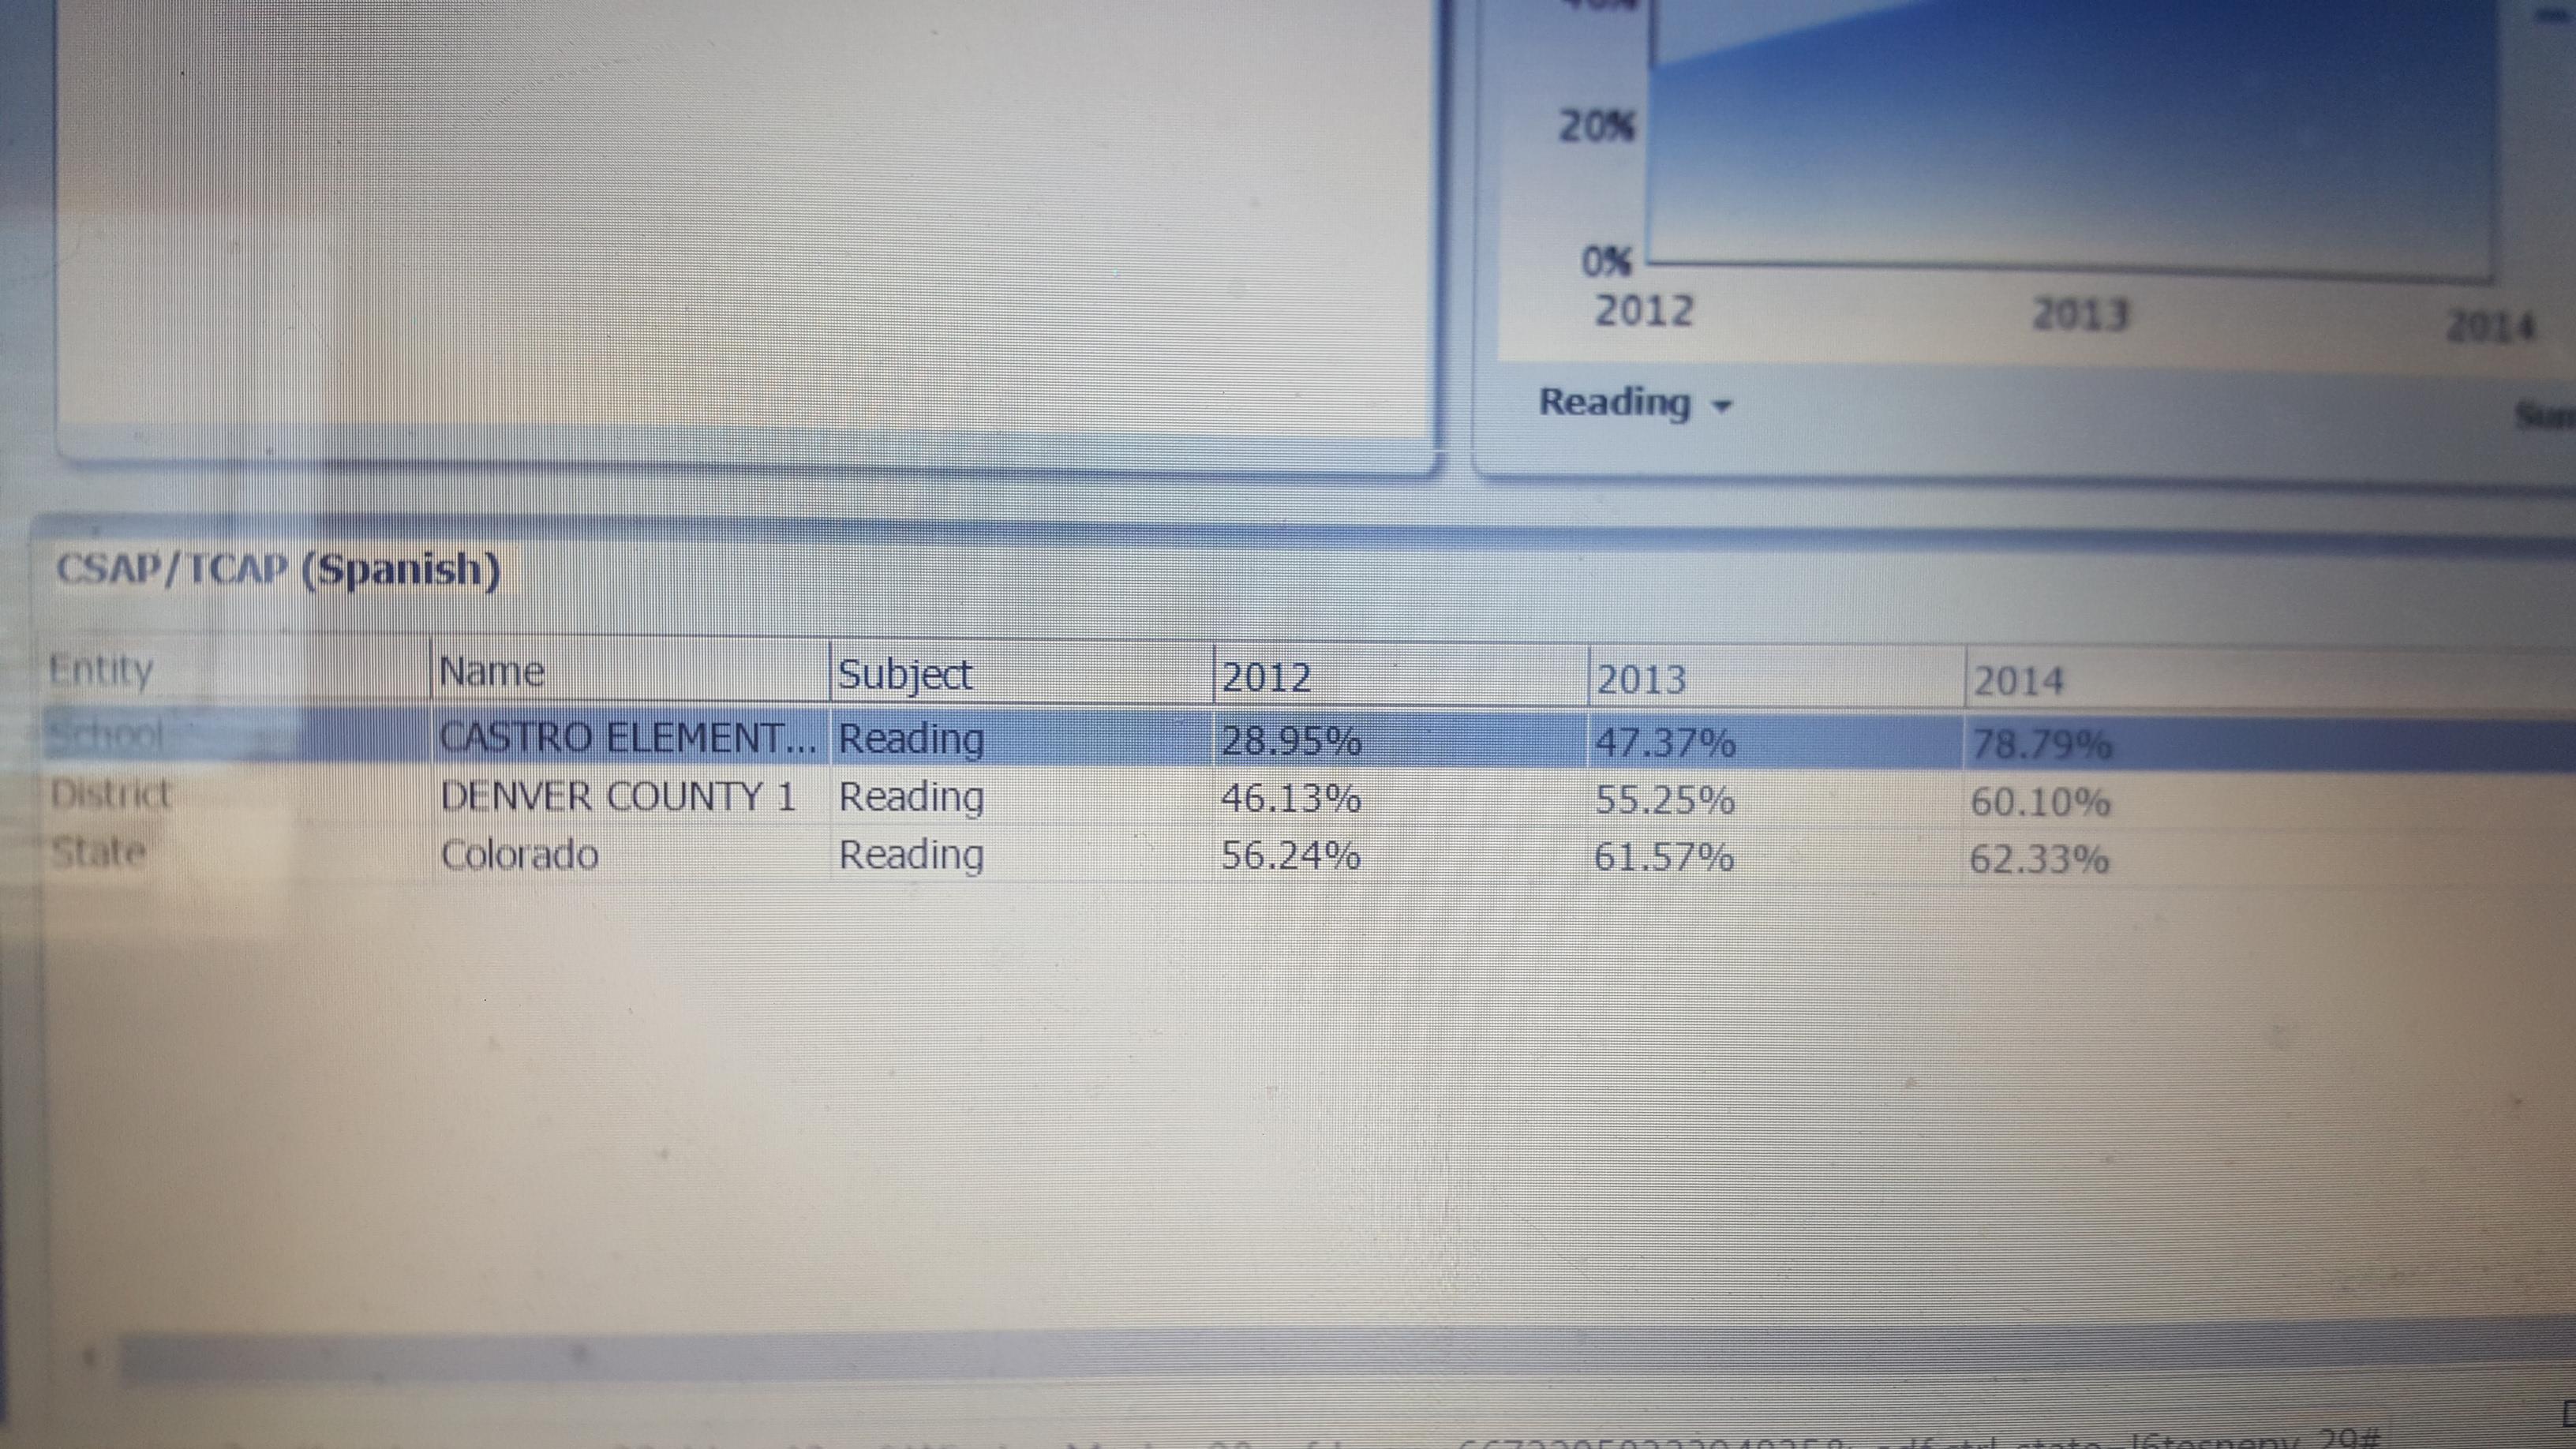 Some Spanish exam scores